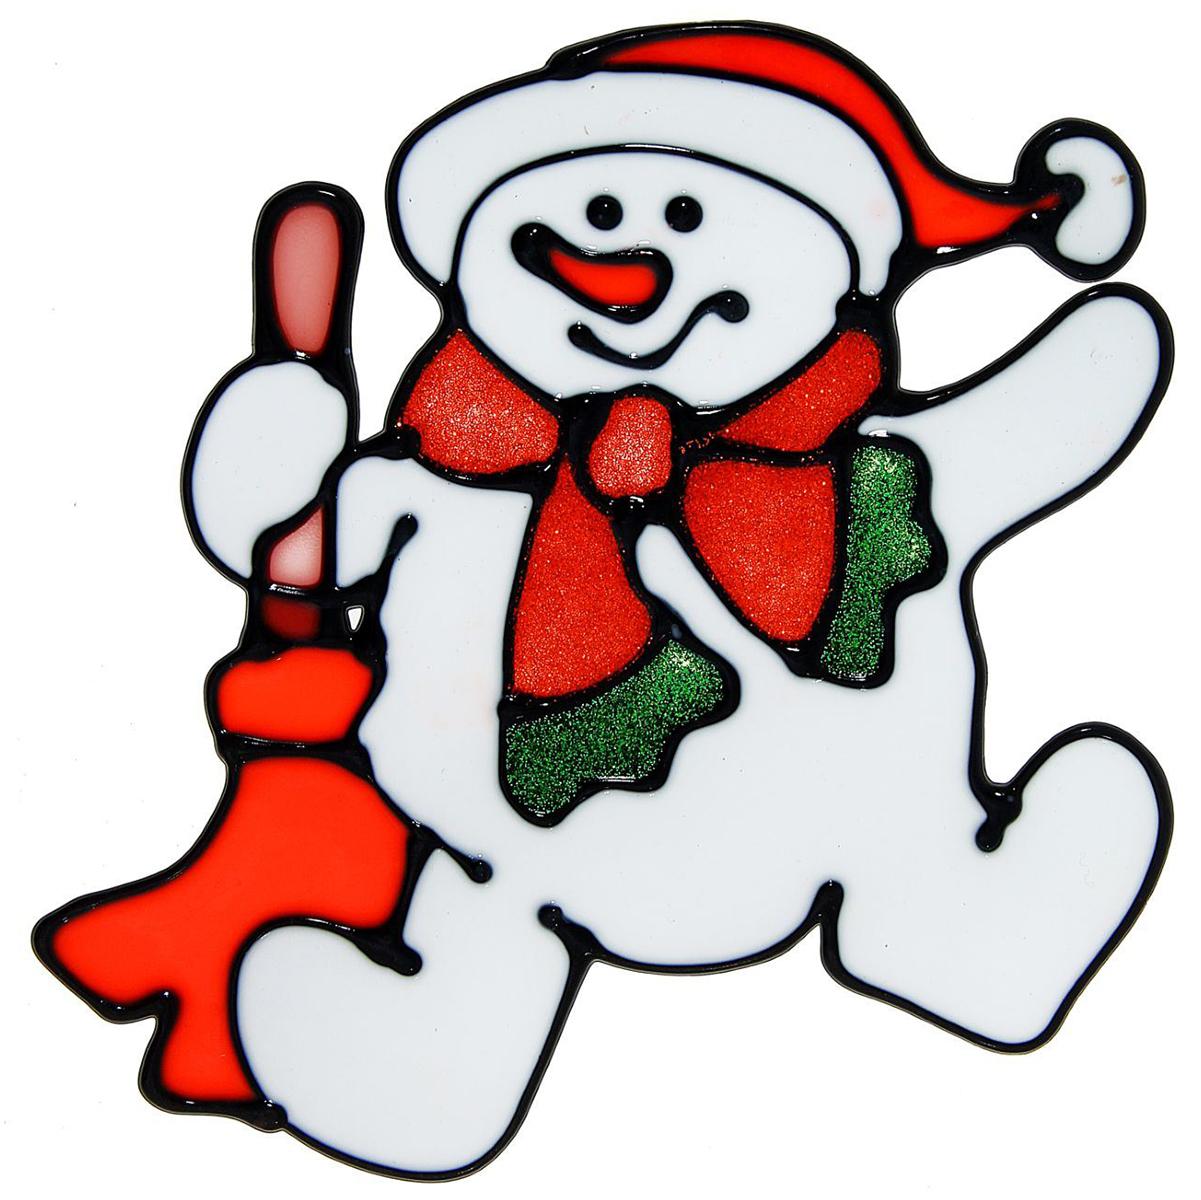 Наклейка на стекло Снеговик с метлой1113568Зимой не только мороз украшает стекла узорами. Сделайте интерьер еще торжественней: преобразите его с помощью специальных наклеек! Декор из силикона не содержит клей и не оставляет следов. Пластичная фигурка сама прилипает к гладкой поверхности, а в конце зимних праздников ее легко снять и отложить до следующего года. Прикрепите на стекло или зеркало одно украшение или создайте целую композицию. Новогодние наклейки приблизят праздничное настроение!